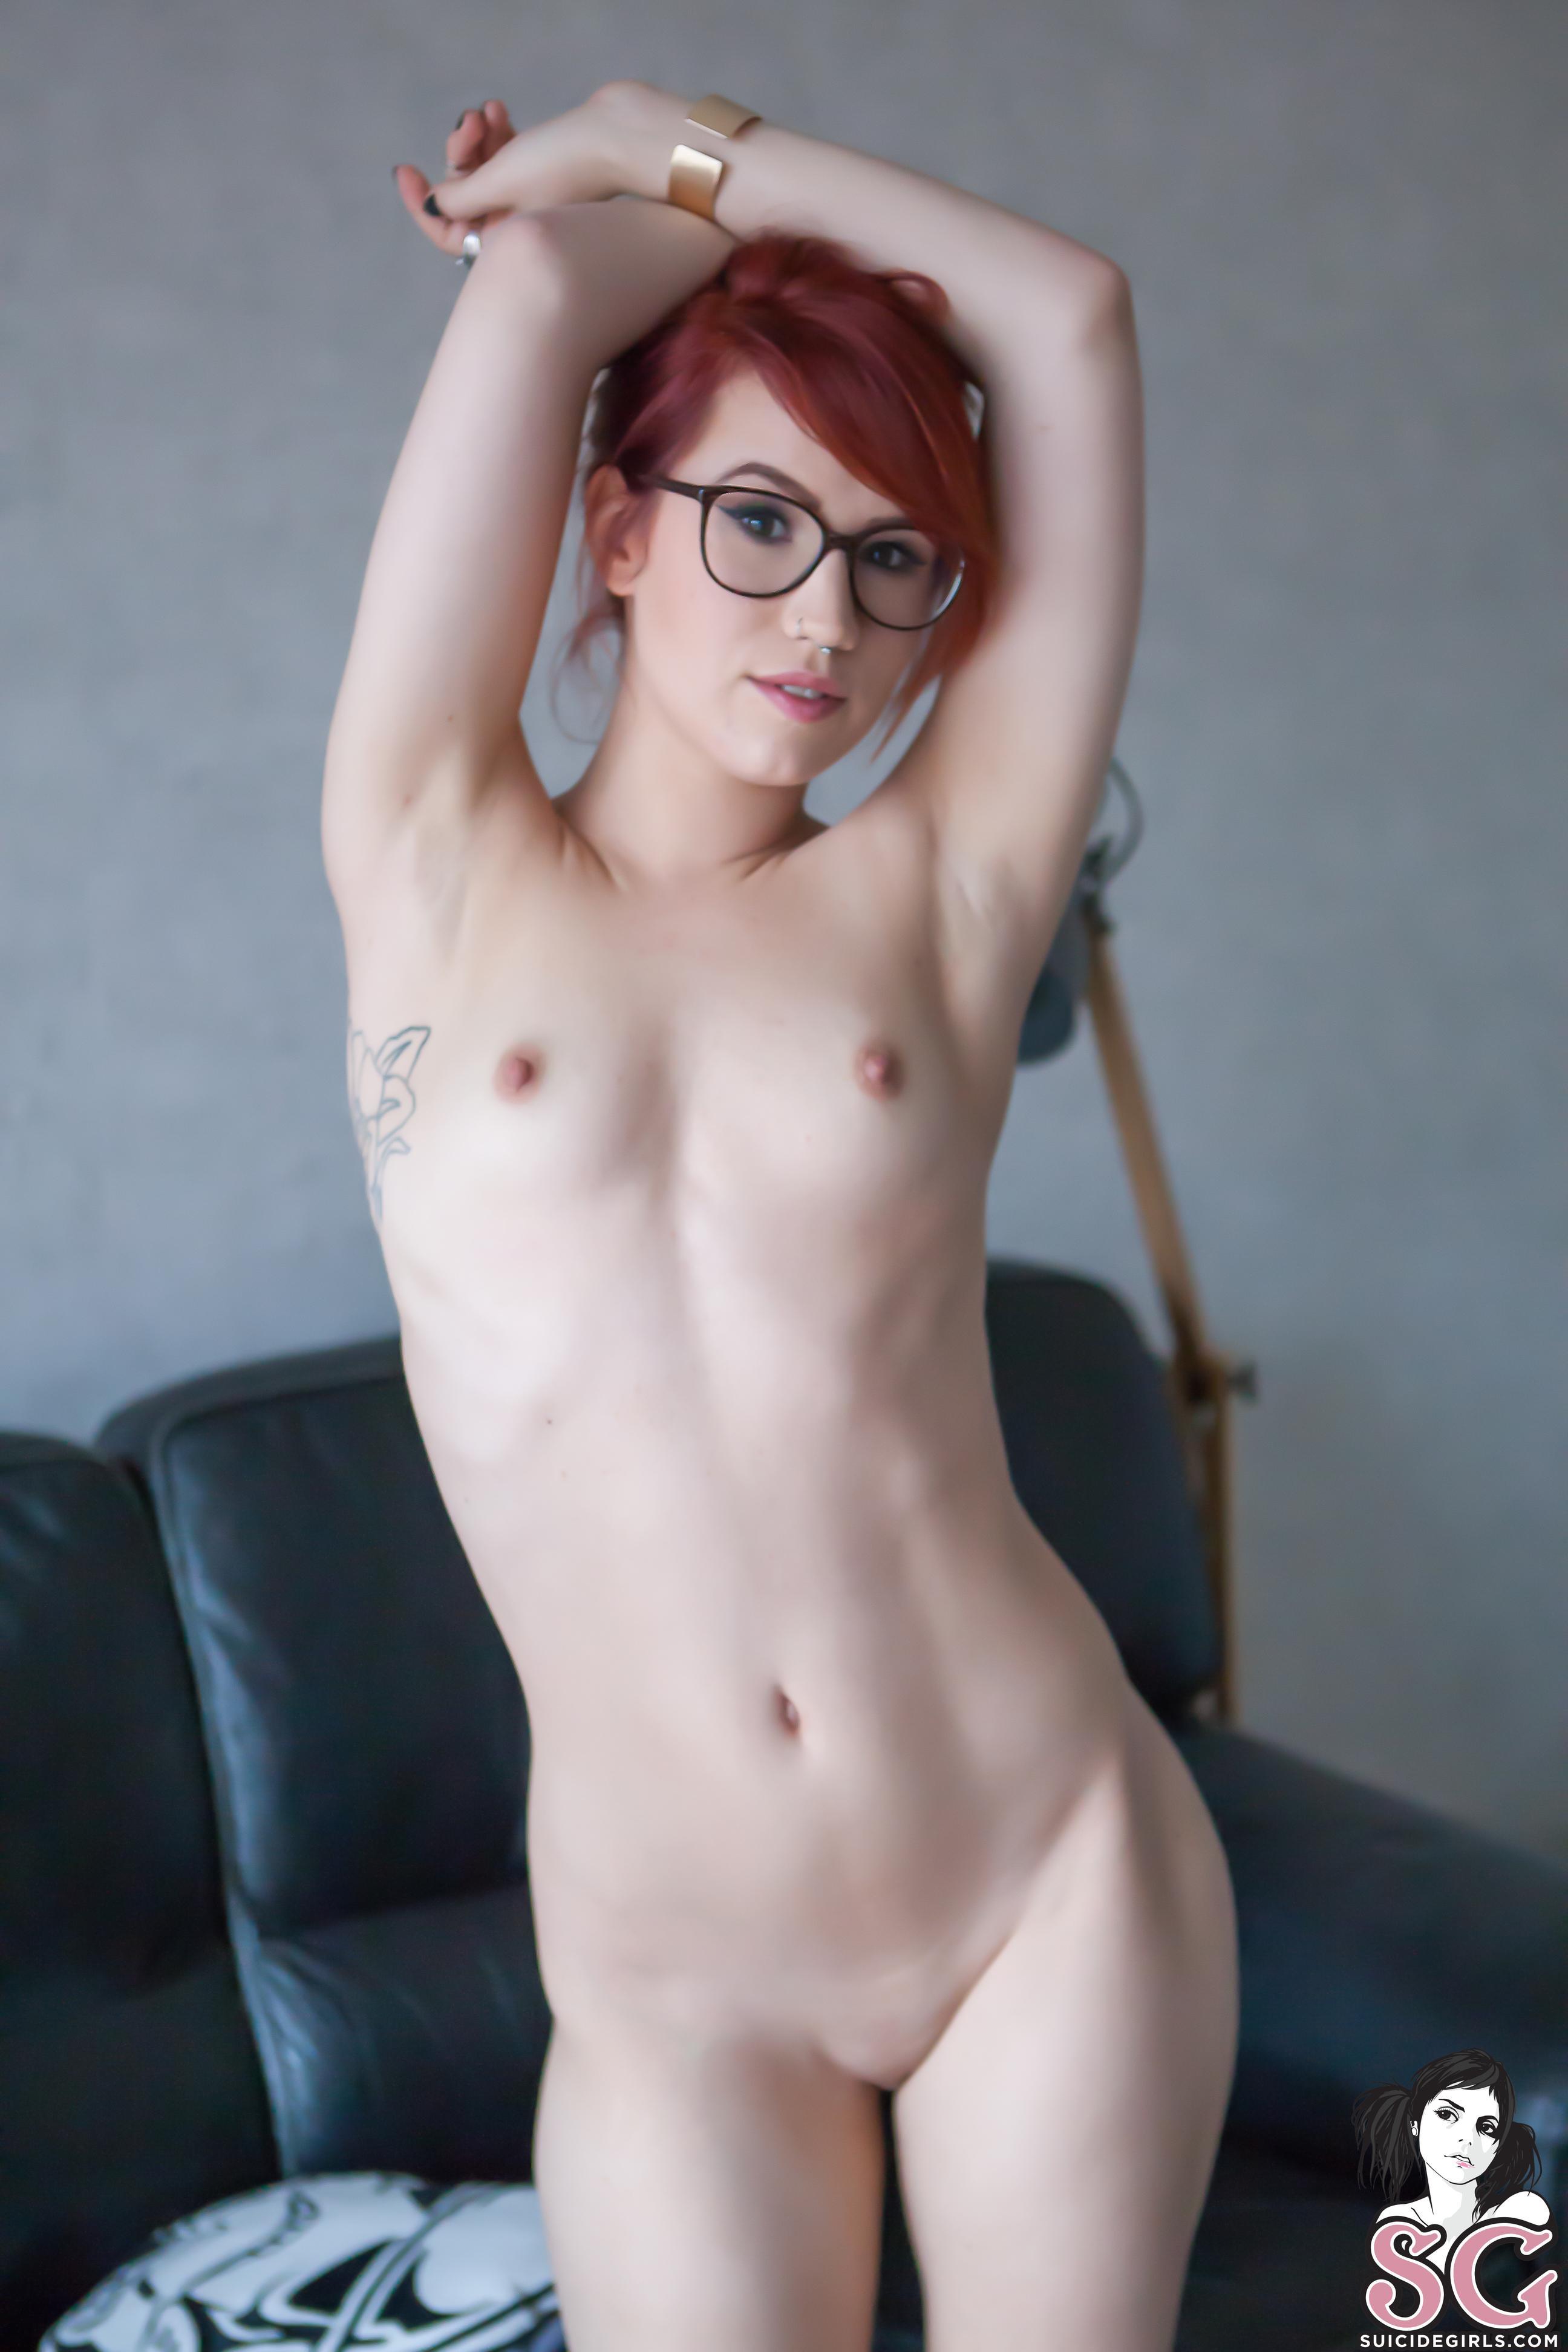 Nerd geek girls nude